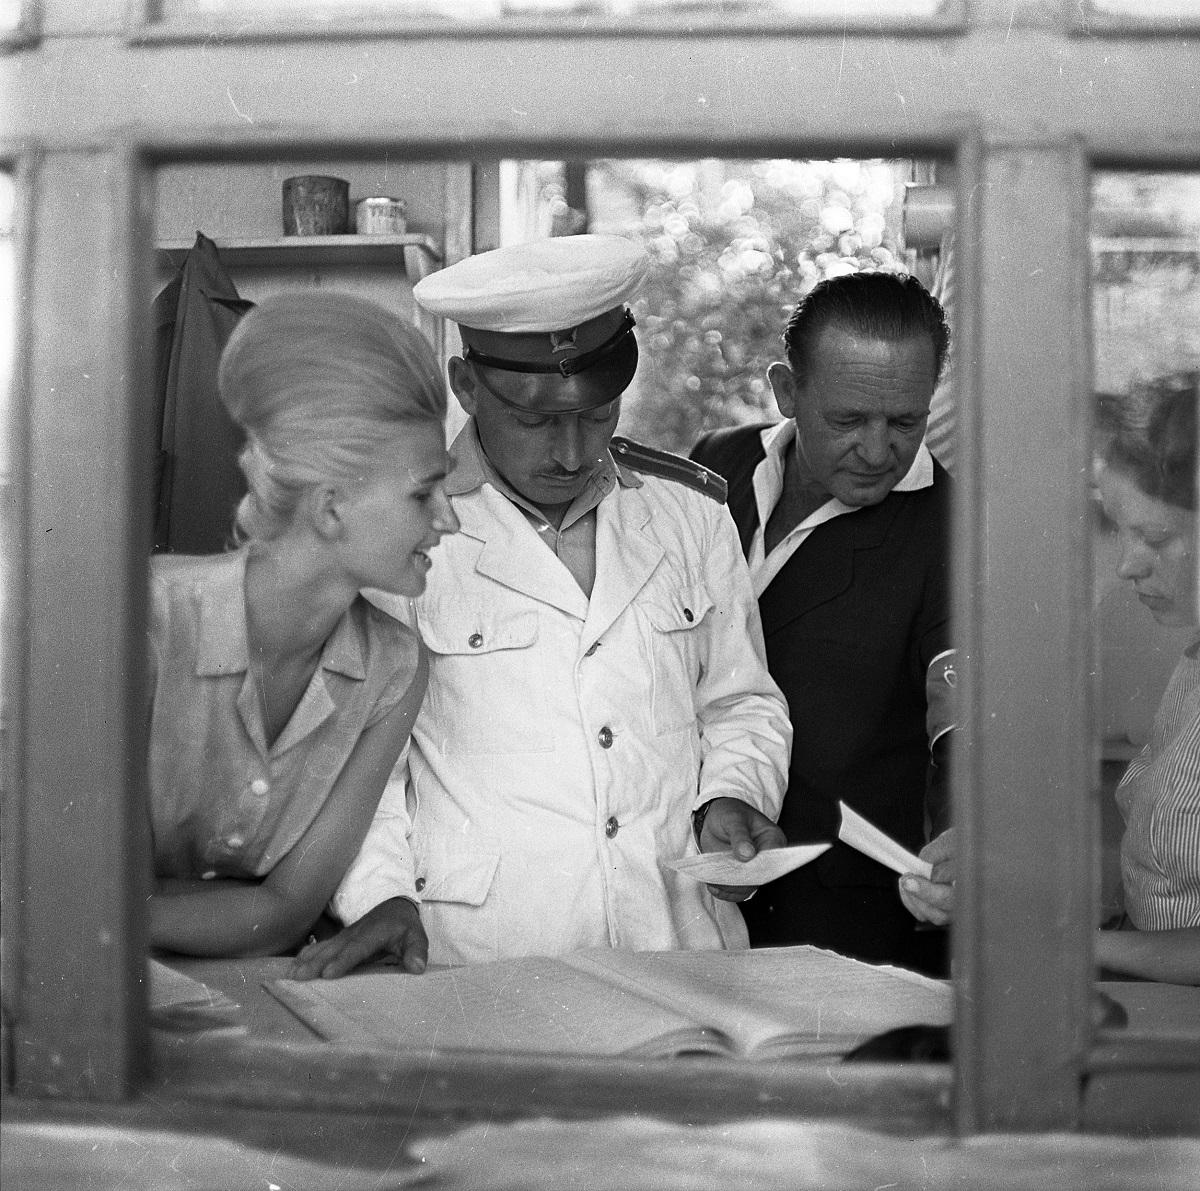 Fotó: Magyarország, 1964 © Fortepan / magyar rendőr